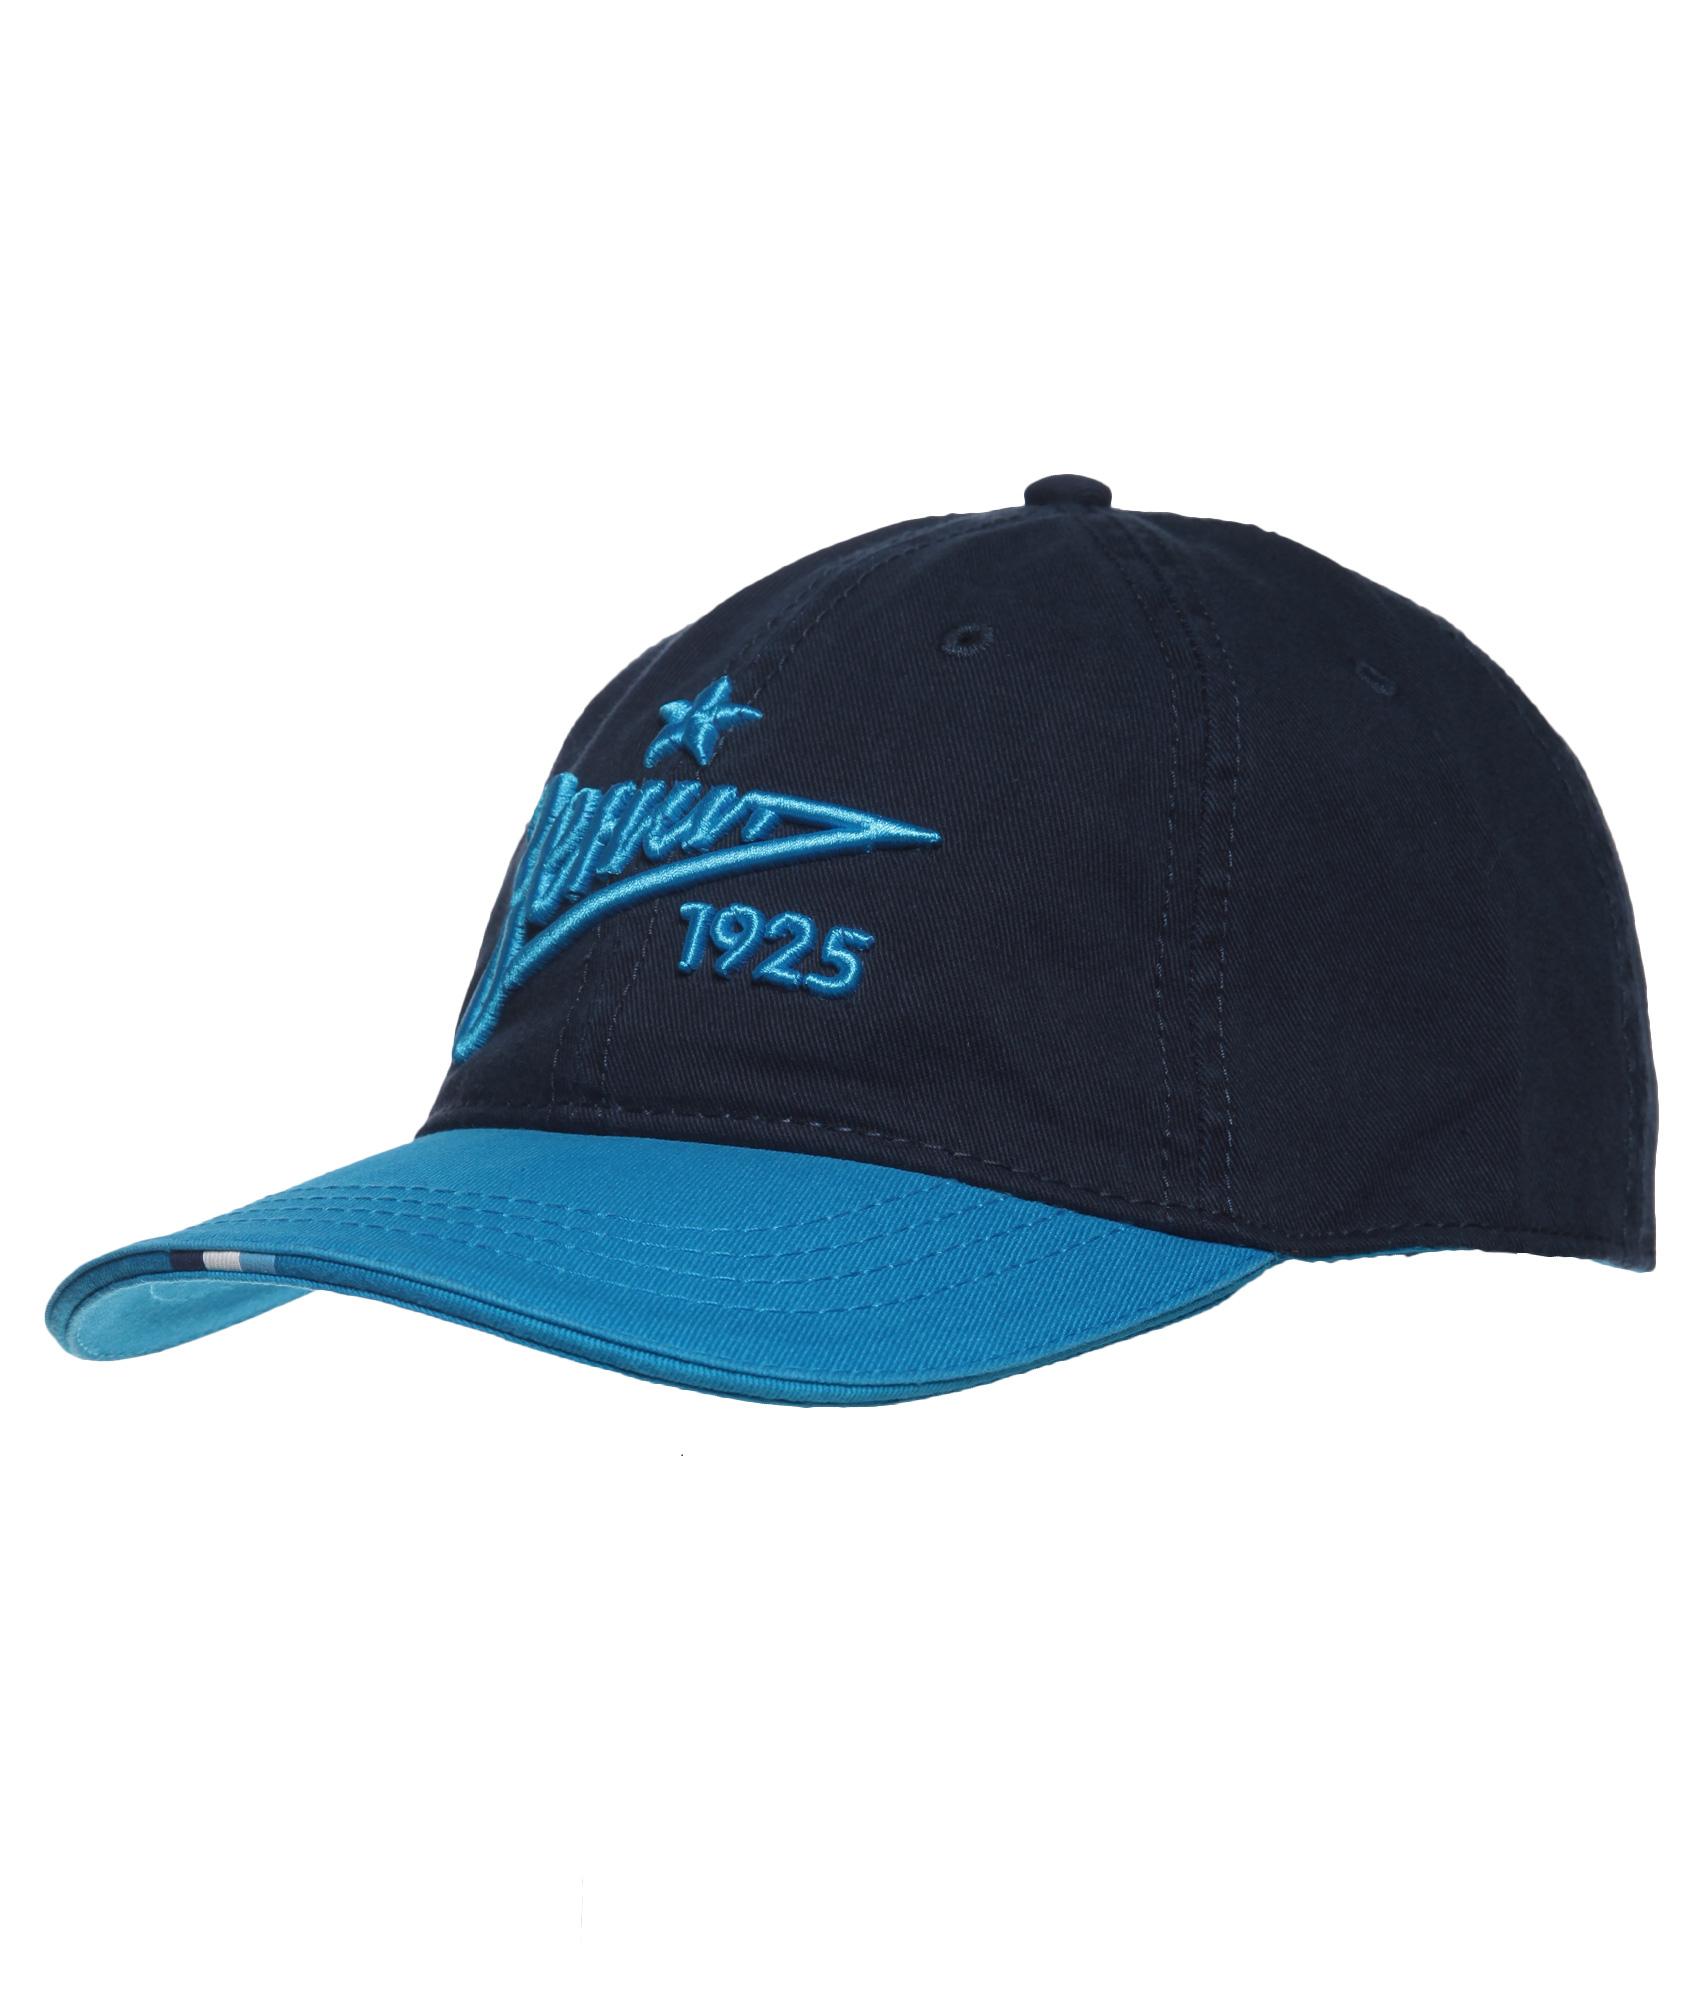 Бейсболка детская Зенит Цвет-Темно-Синий бейсболка зенит цвет синий 10536 размер l xl 55 58